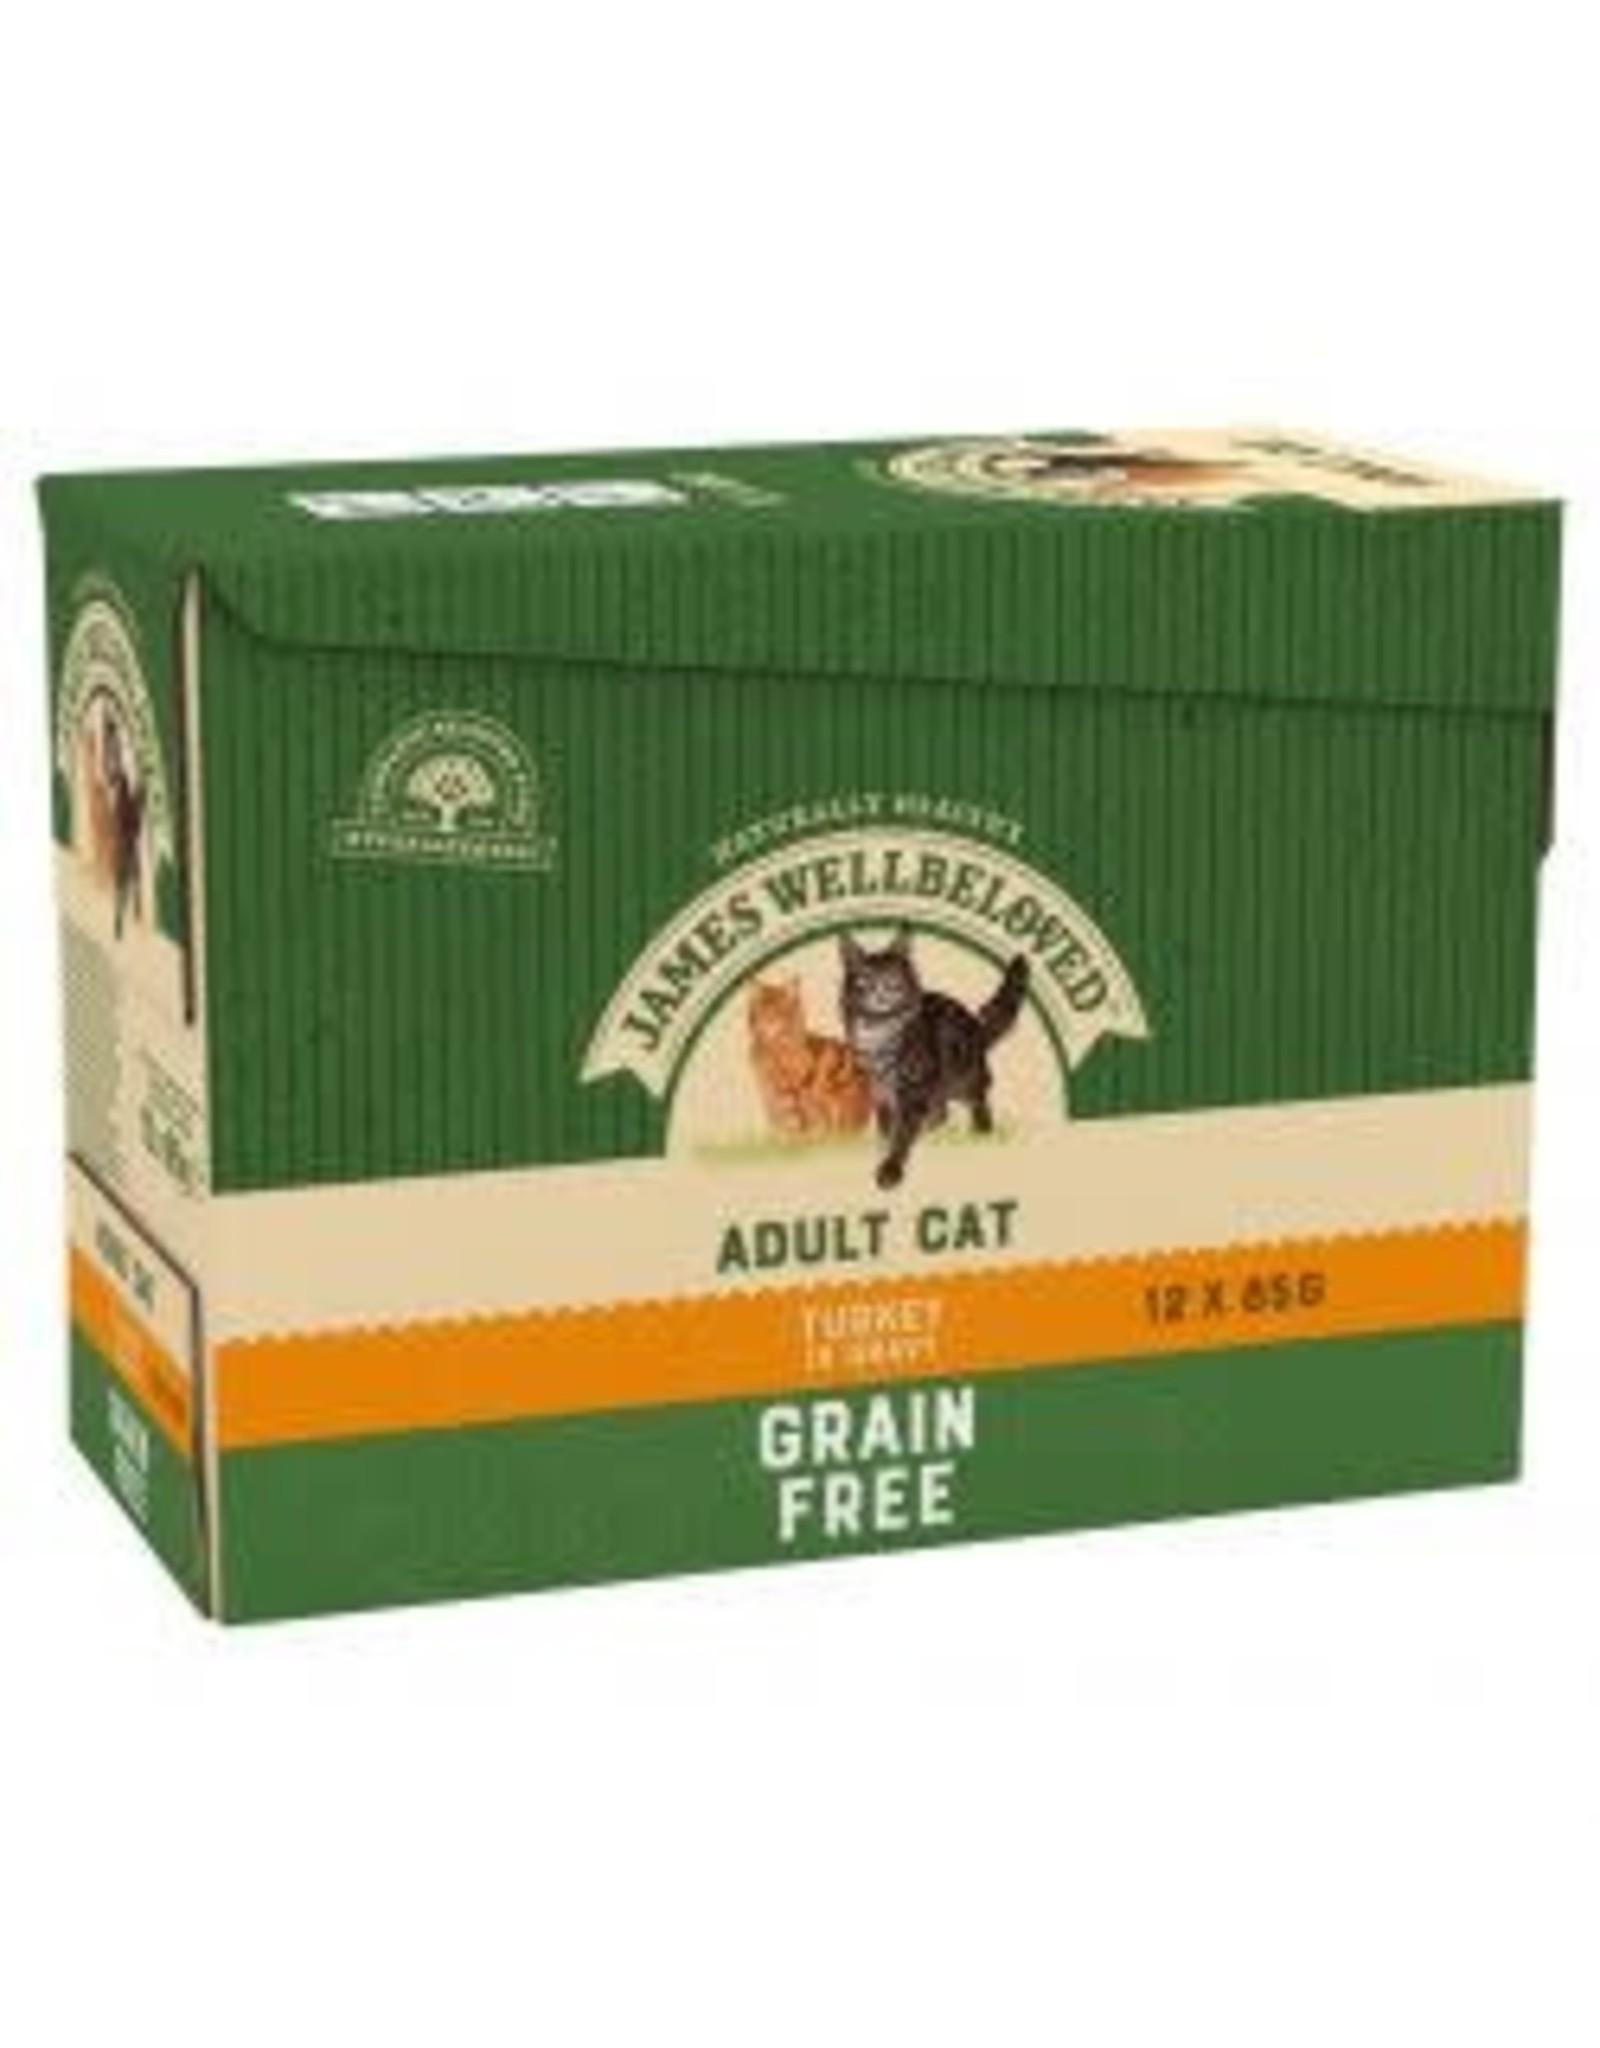 James Wellbeloved JW Cat Pouch Grain Free 12 x 85g Turkey